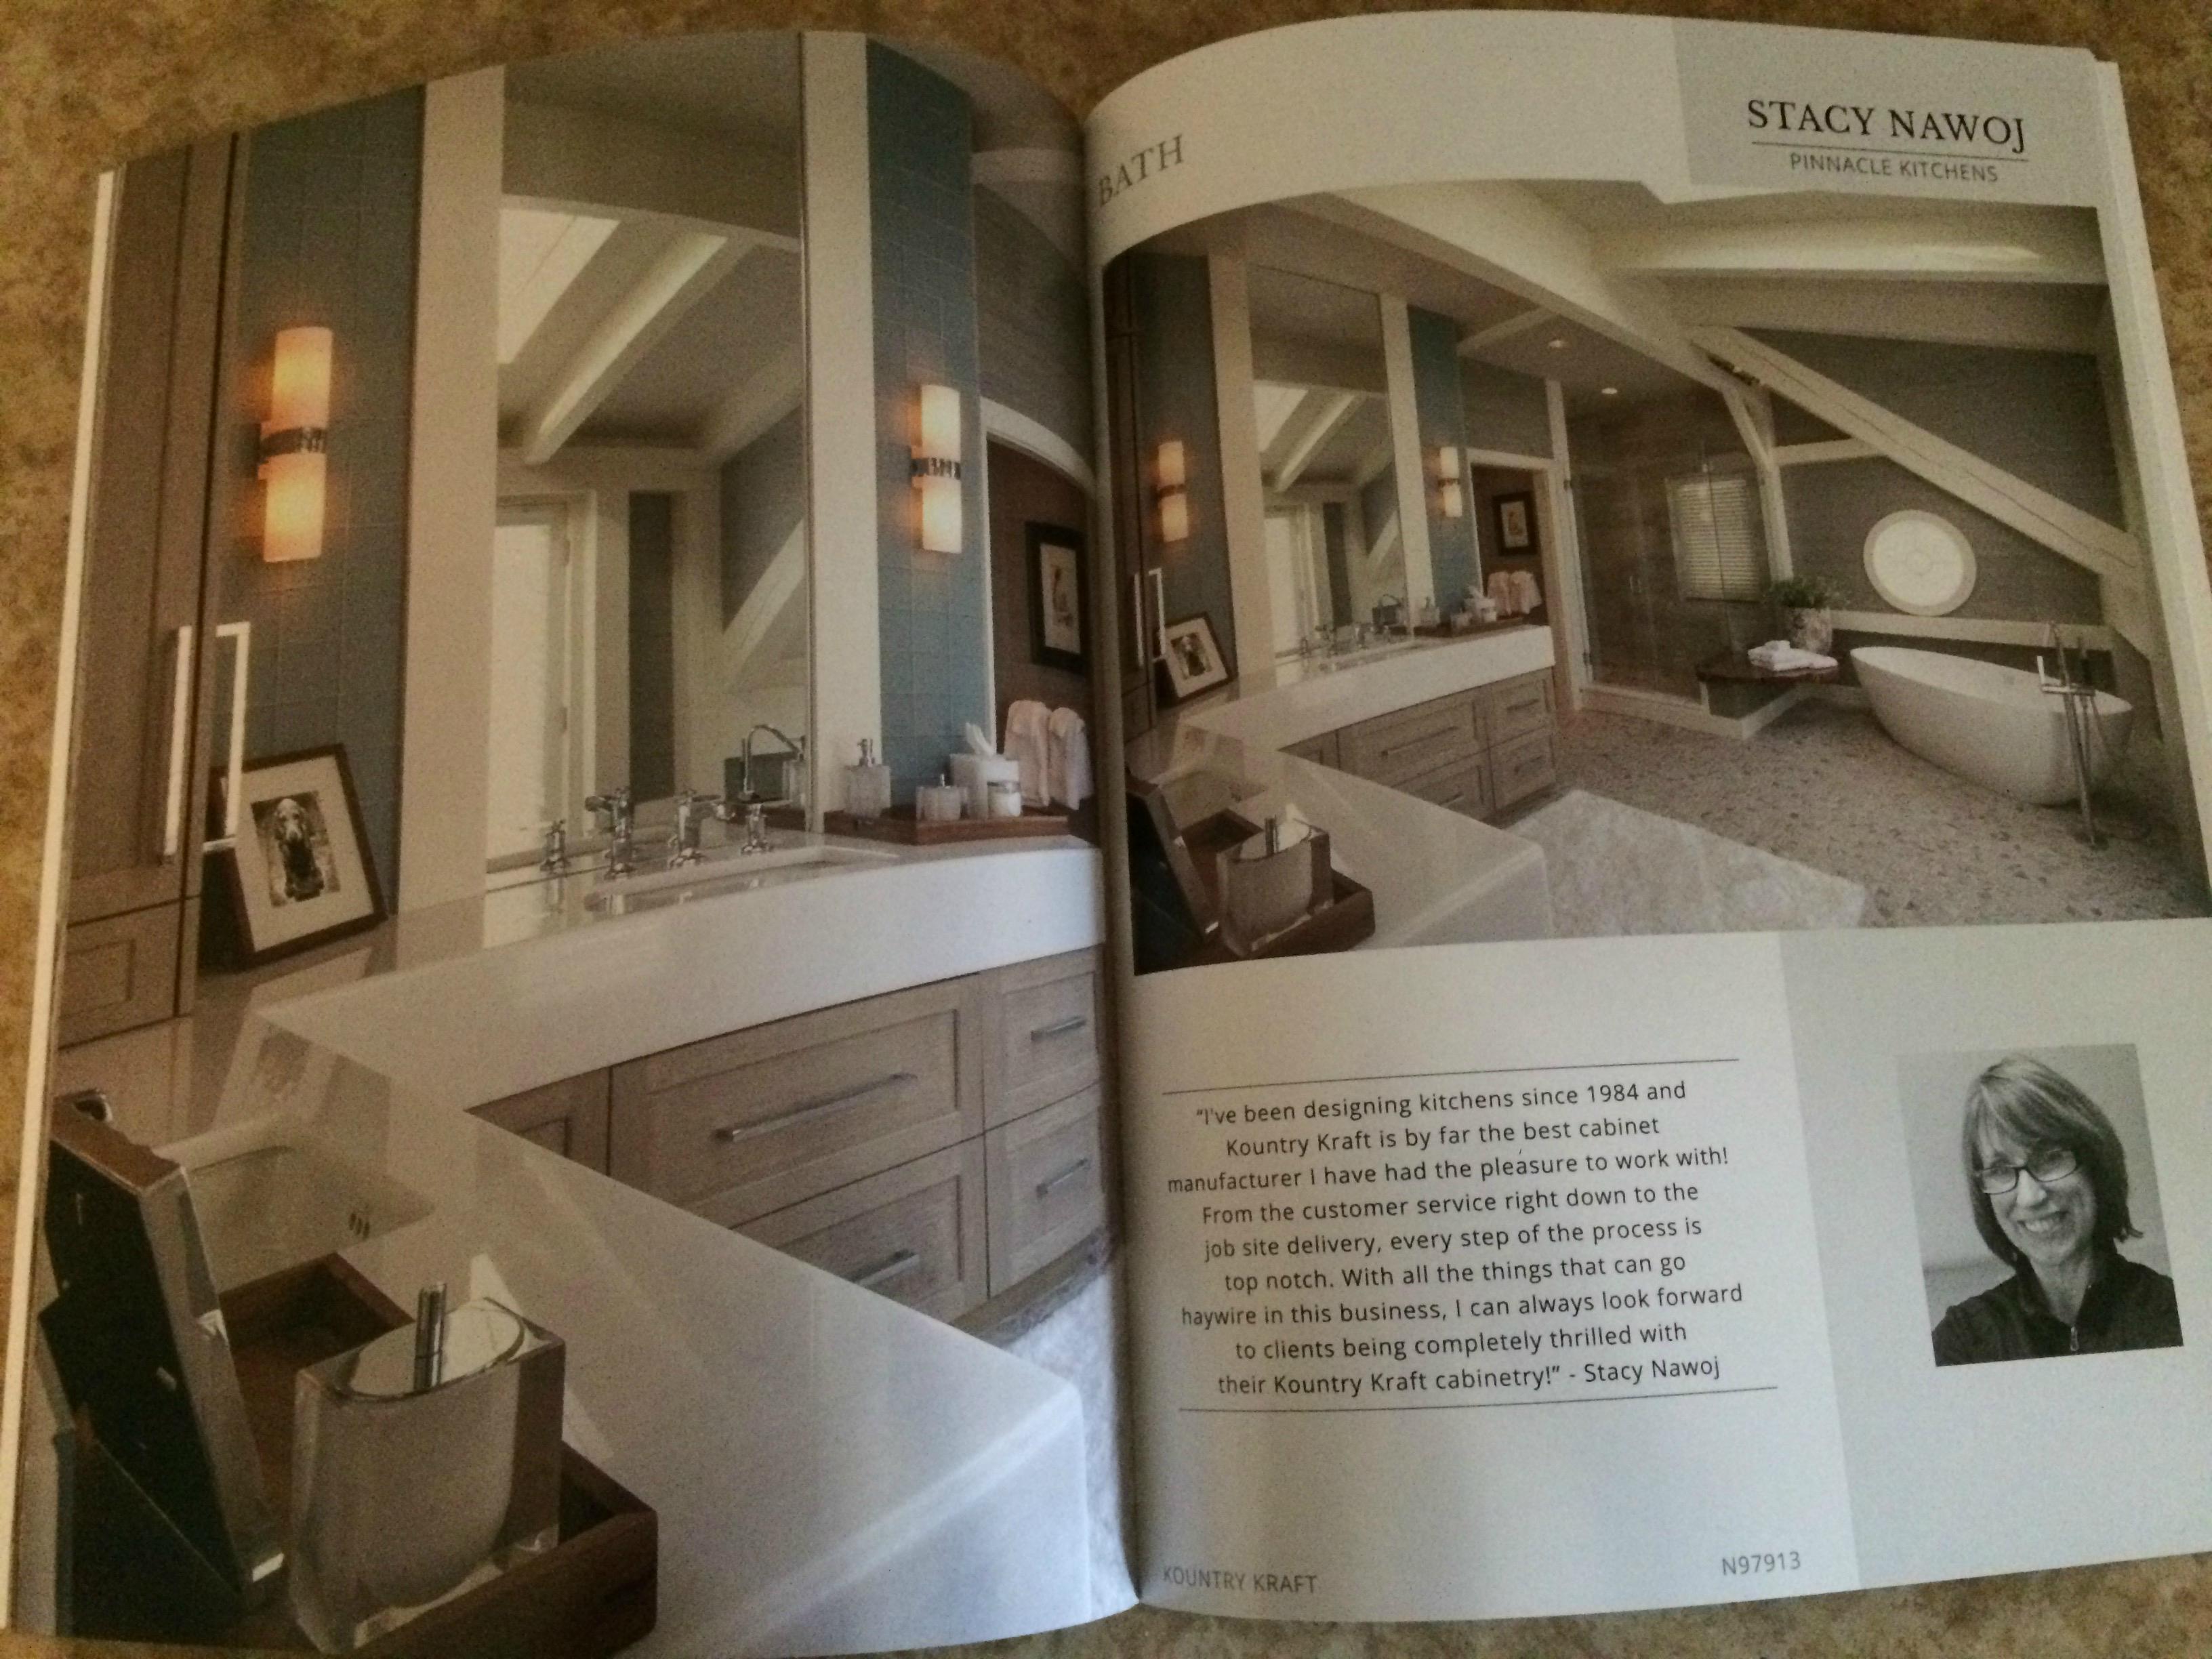 Bath design featured in Kountry Kraft catalog.